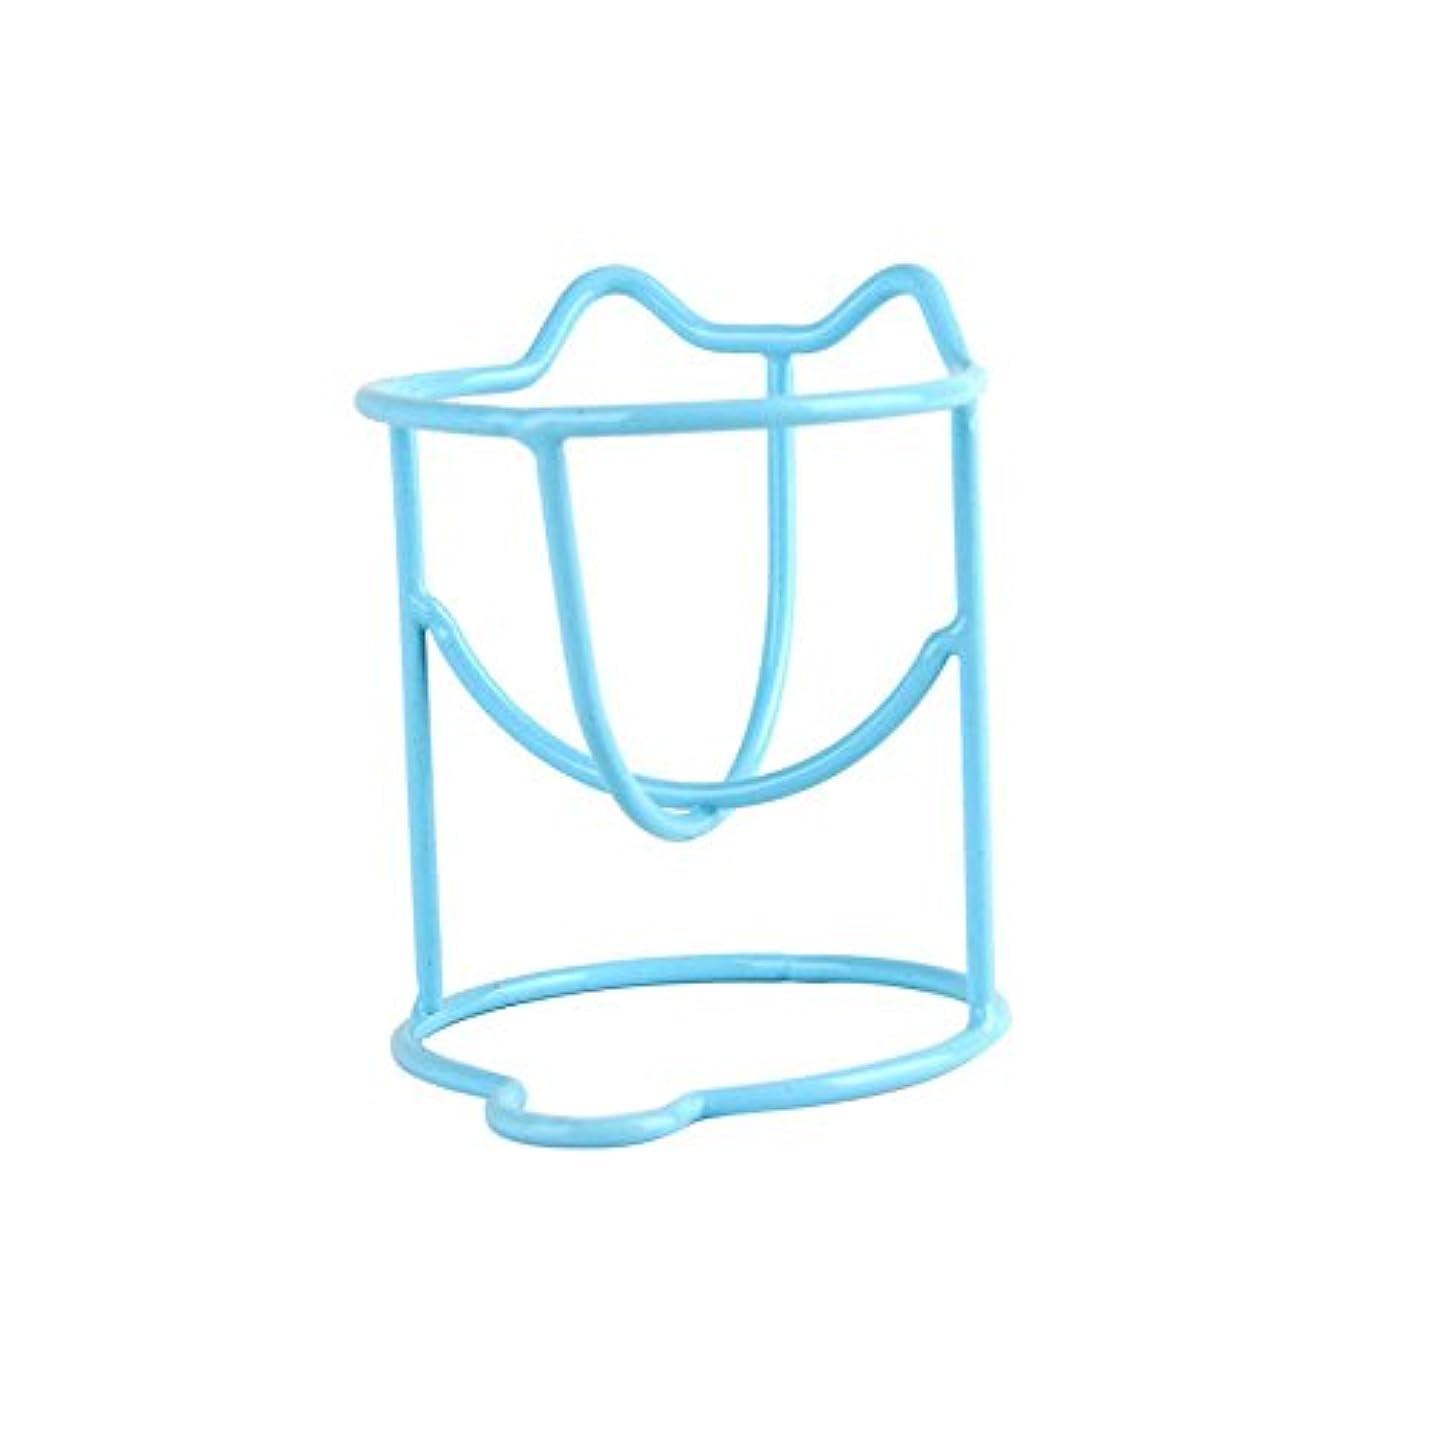 不良品酔ったメイト2つの乾燥ホルダーラックファッションメイク卵パウダーパフスポンジディスプレイスタンドのセット